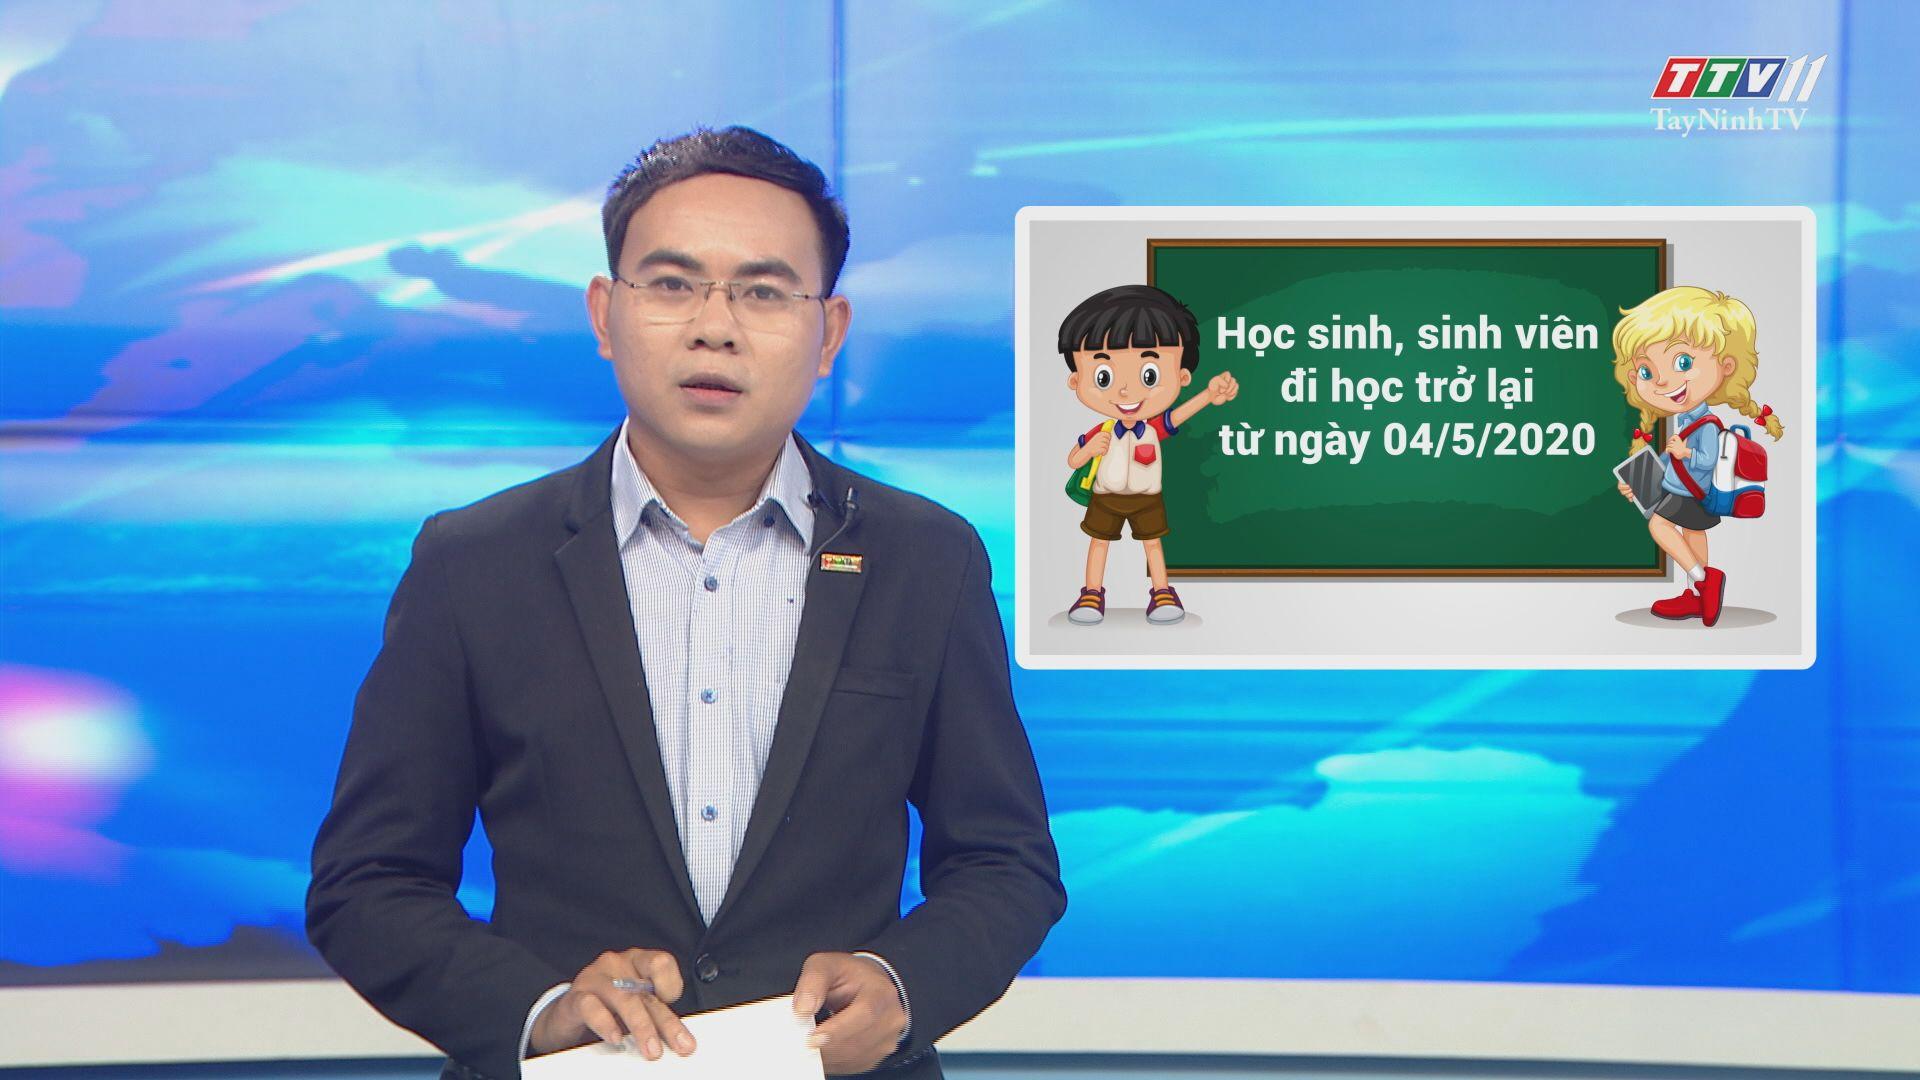 Học sinh, sinh viên đi học trở lại từ ngày 04/5/2020 | Thời sự Tây Ninh | TayNinhTV